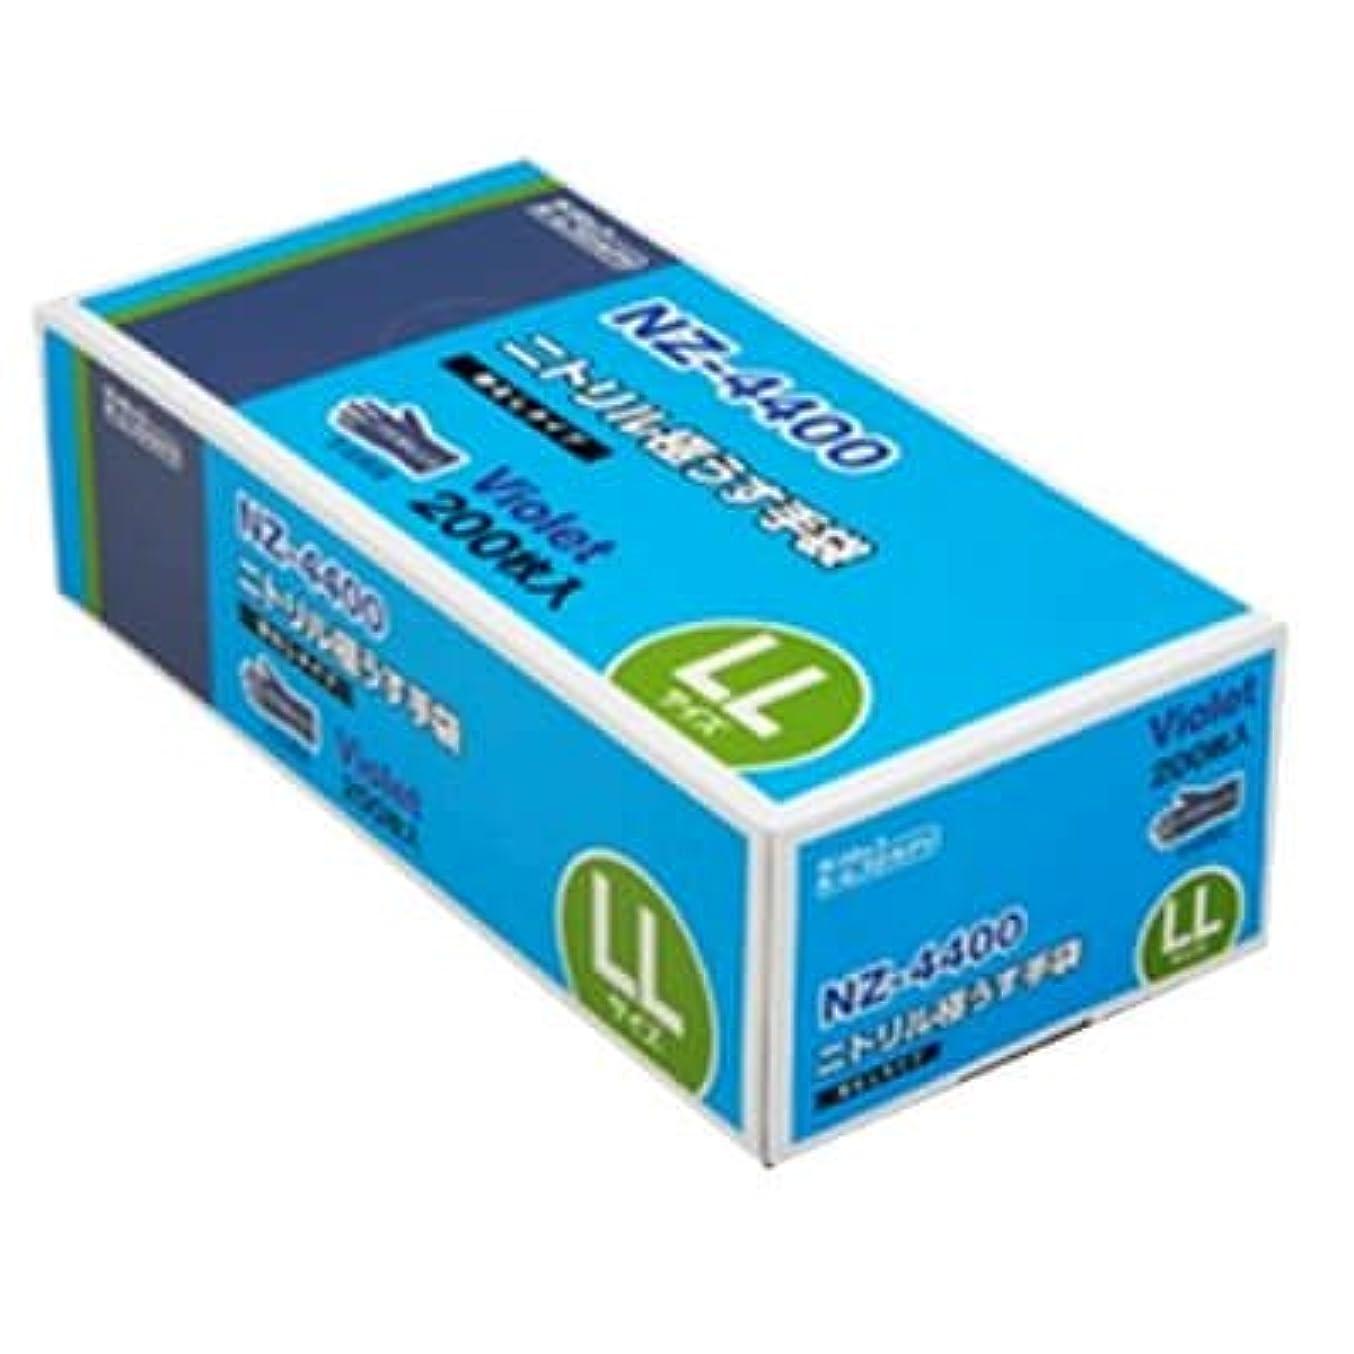 ダブル困惑密度【ケース販売】 ダンロップ ニトリル極うす手袋 粉無 LL バイオレット NZ4400 (200枚入×15箱)